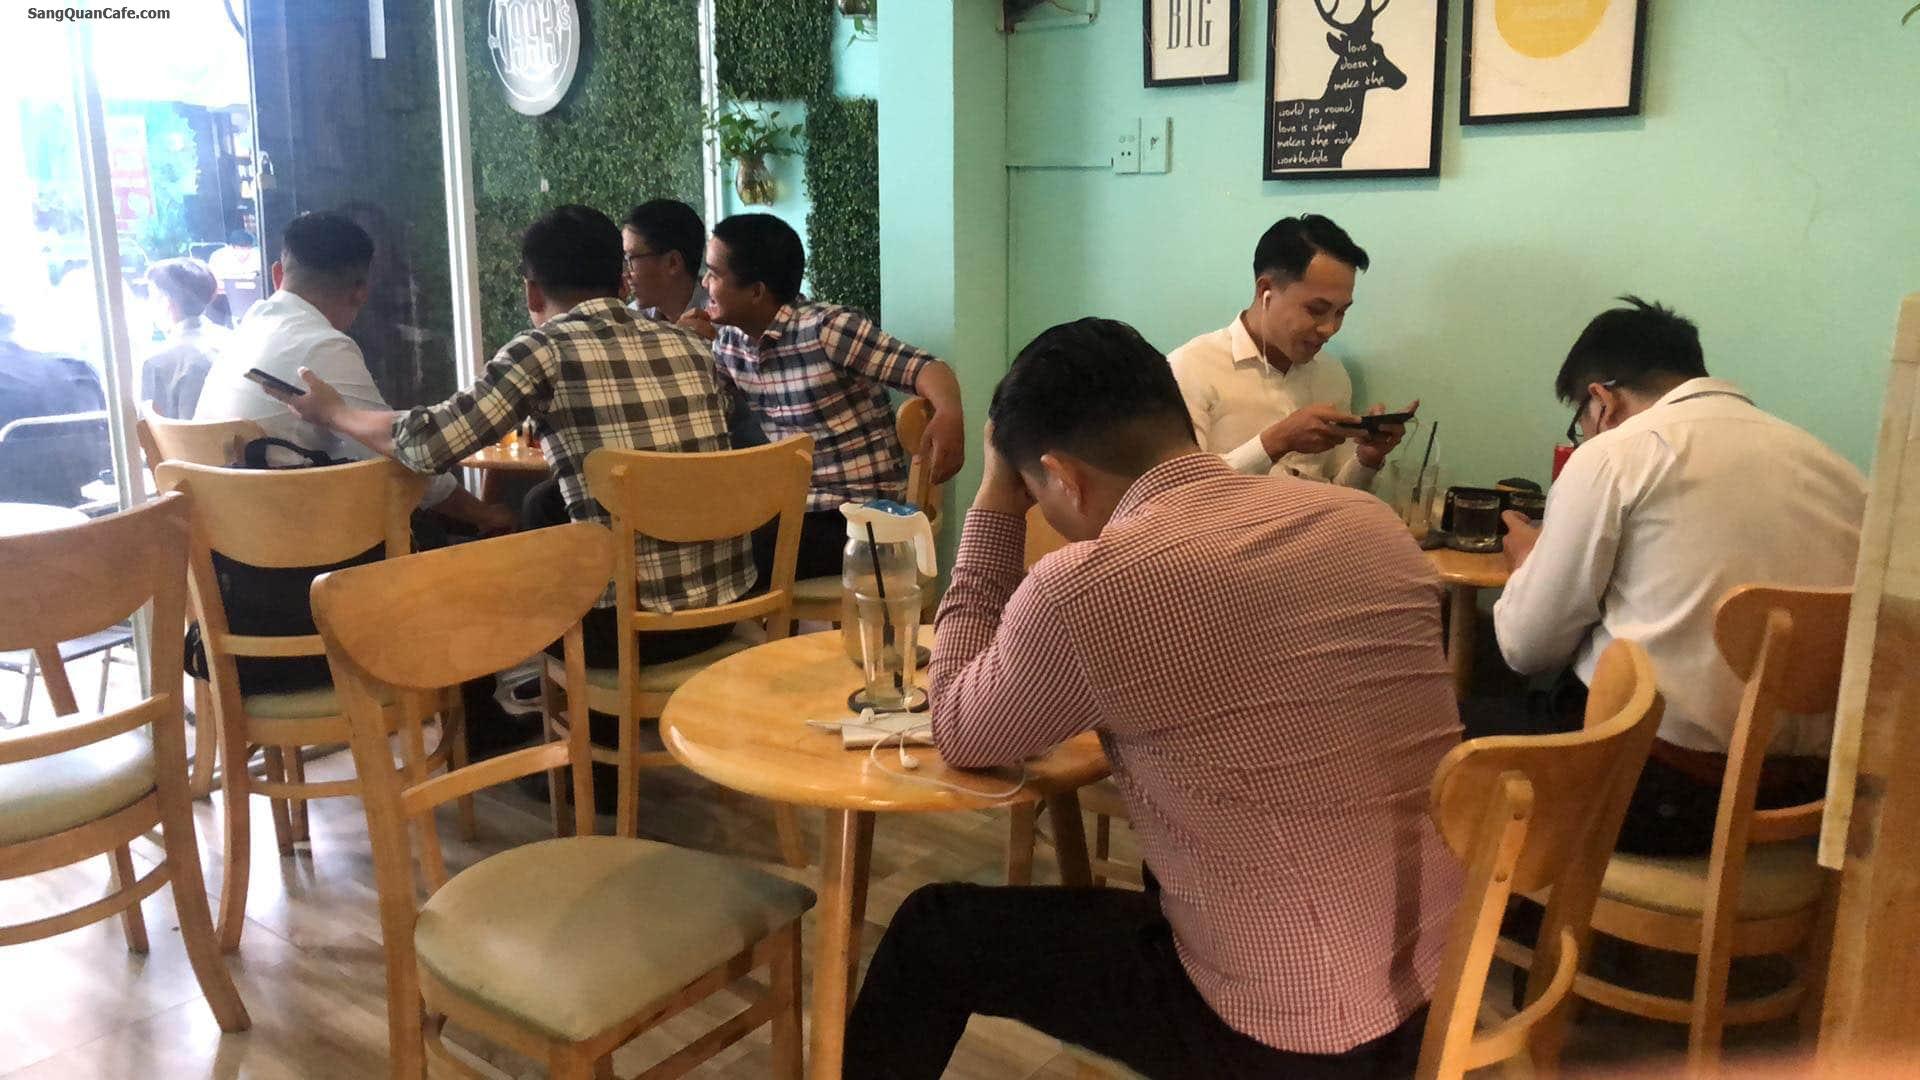 Định cư nước ngoài cần sang lại quán cafe